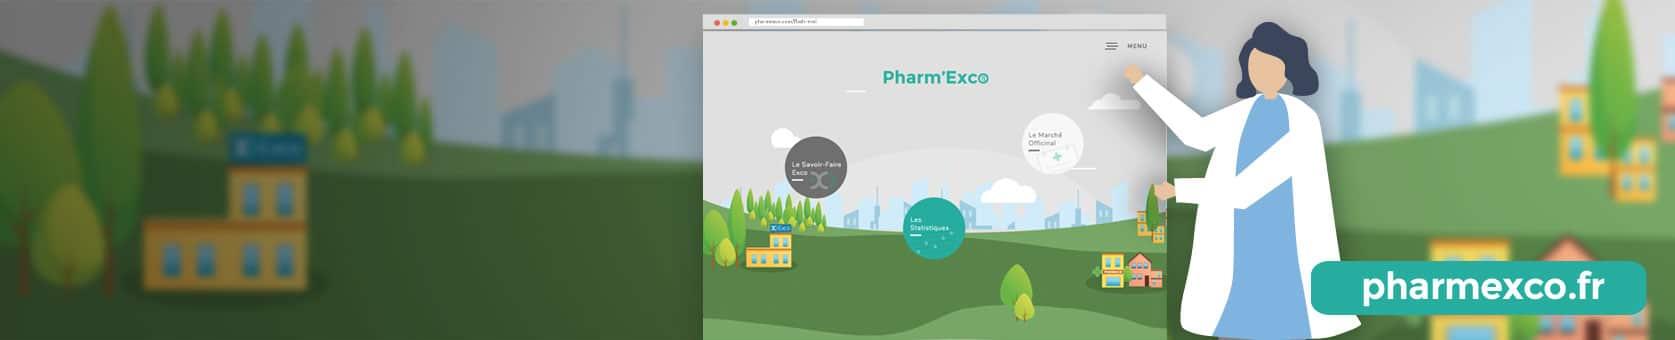 Exco Valliance présente Pharmexco